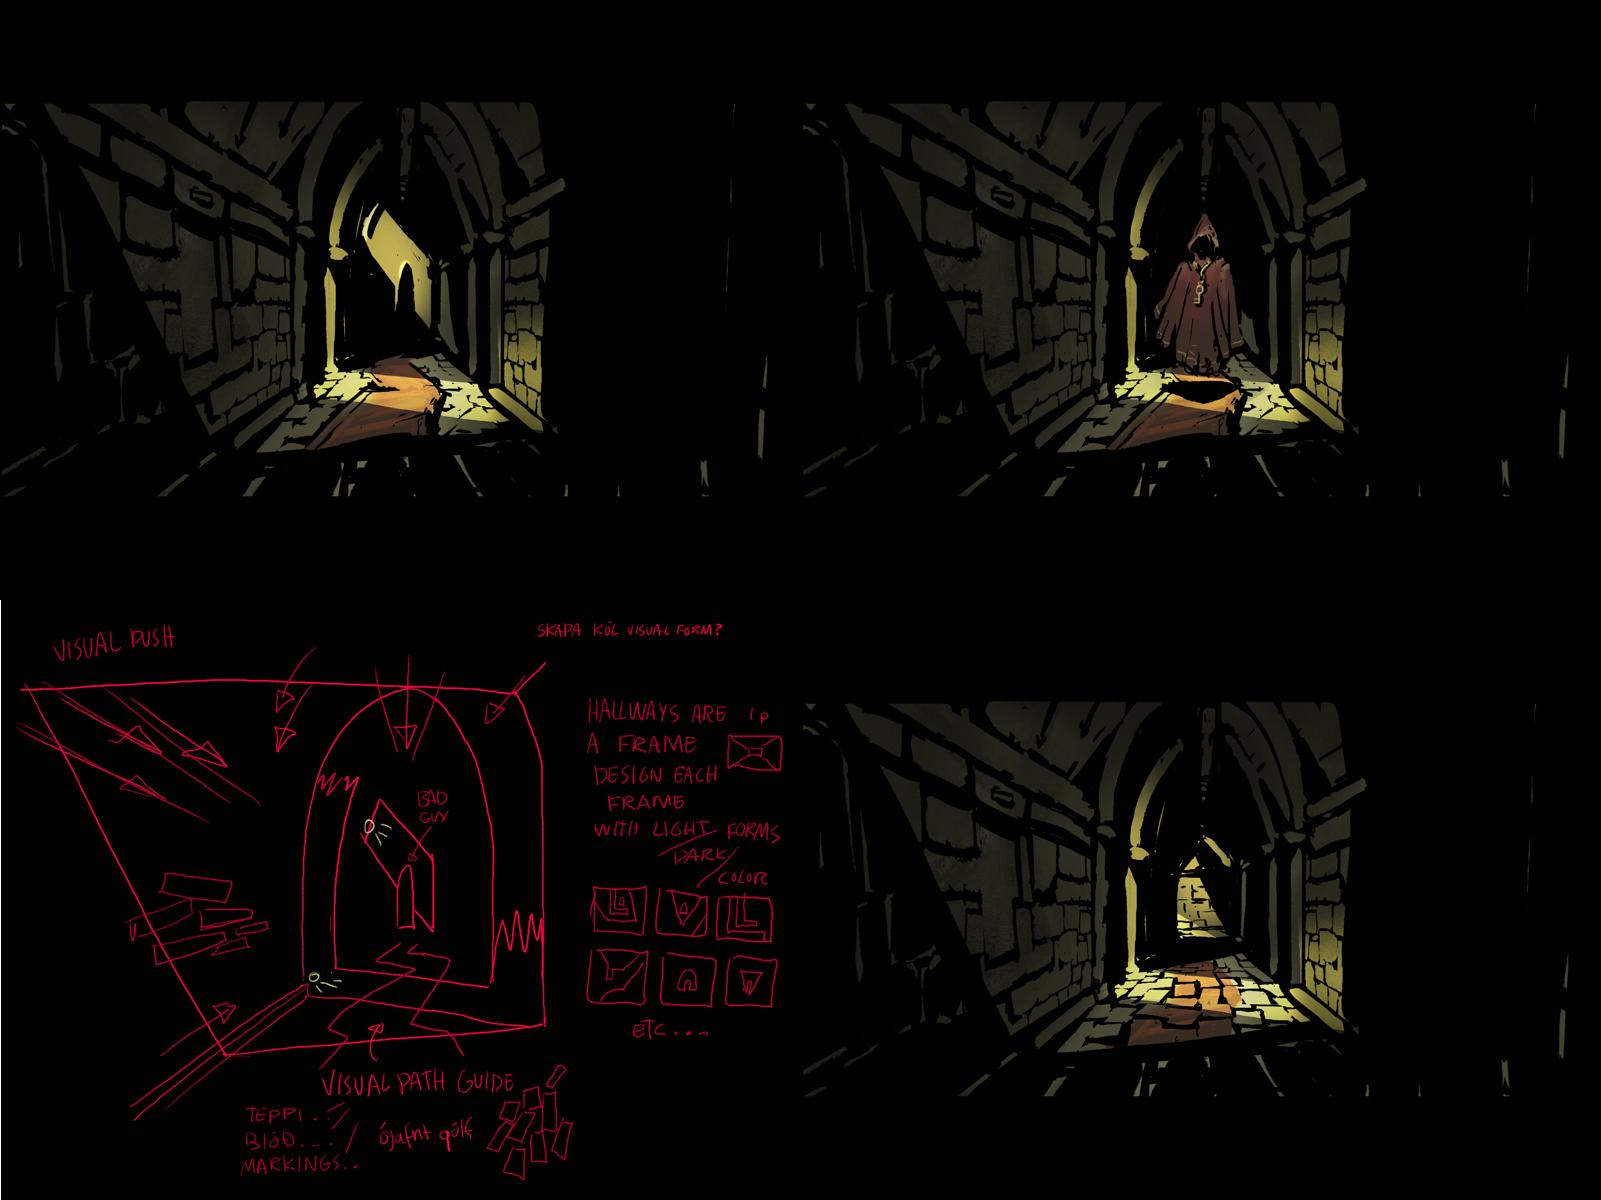 Dark dark dark hallways, filled with dangers and darkness.